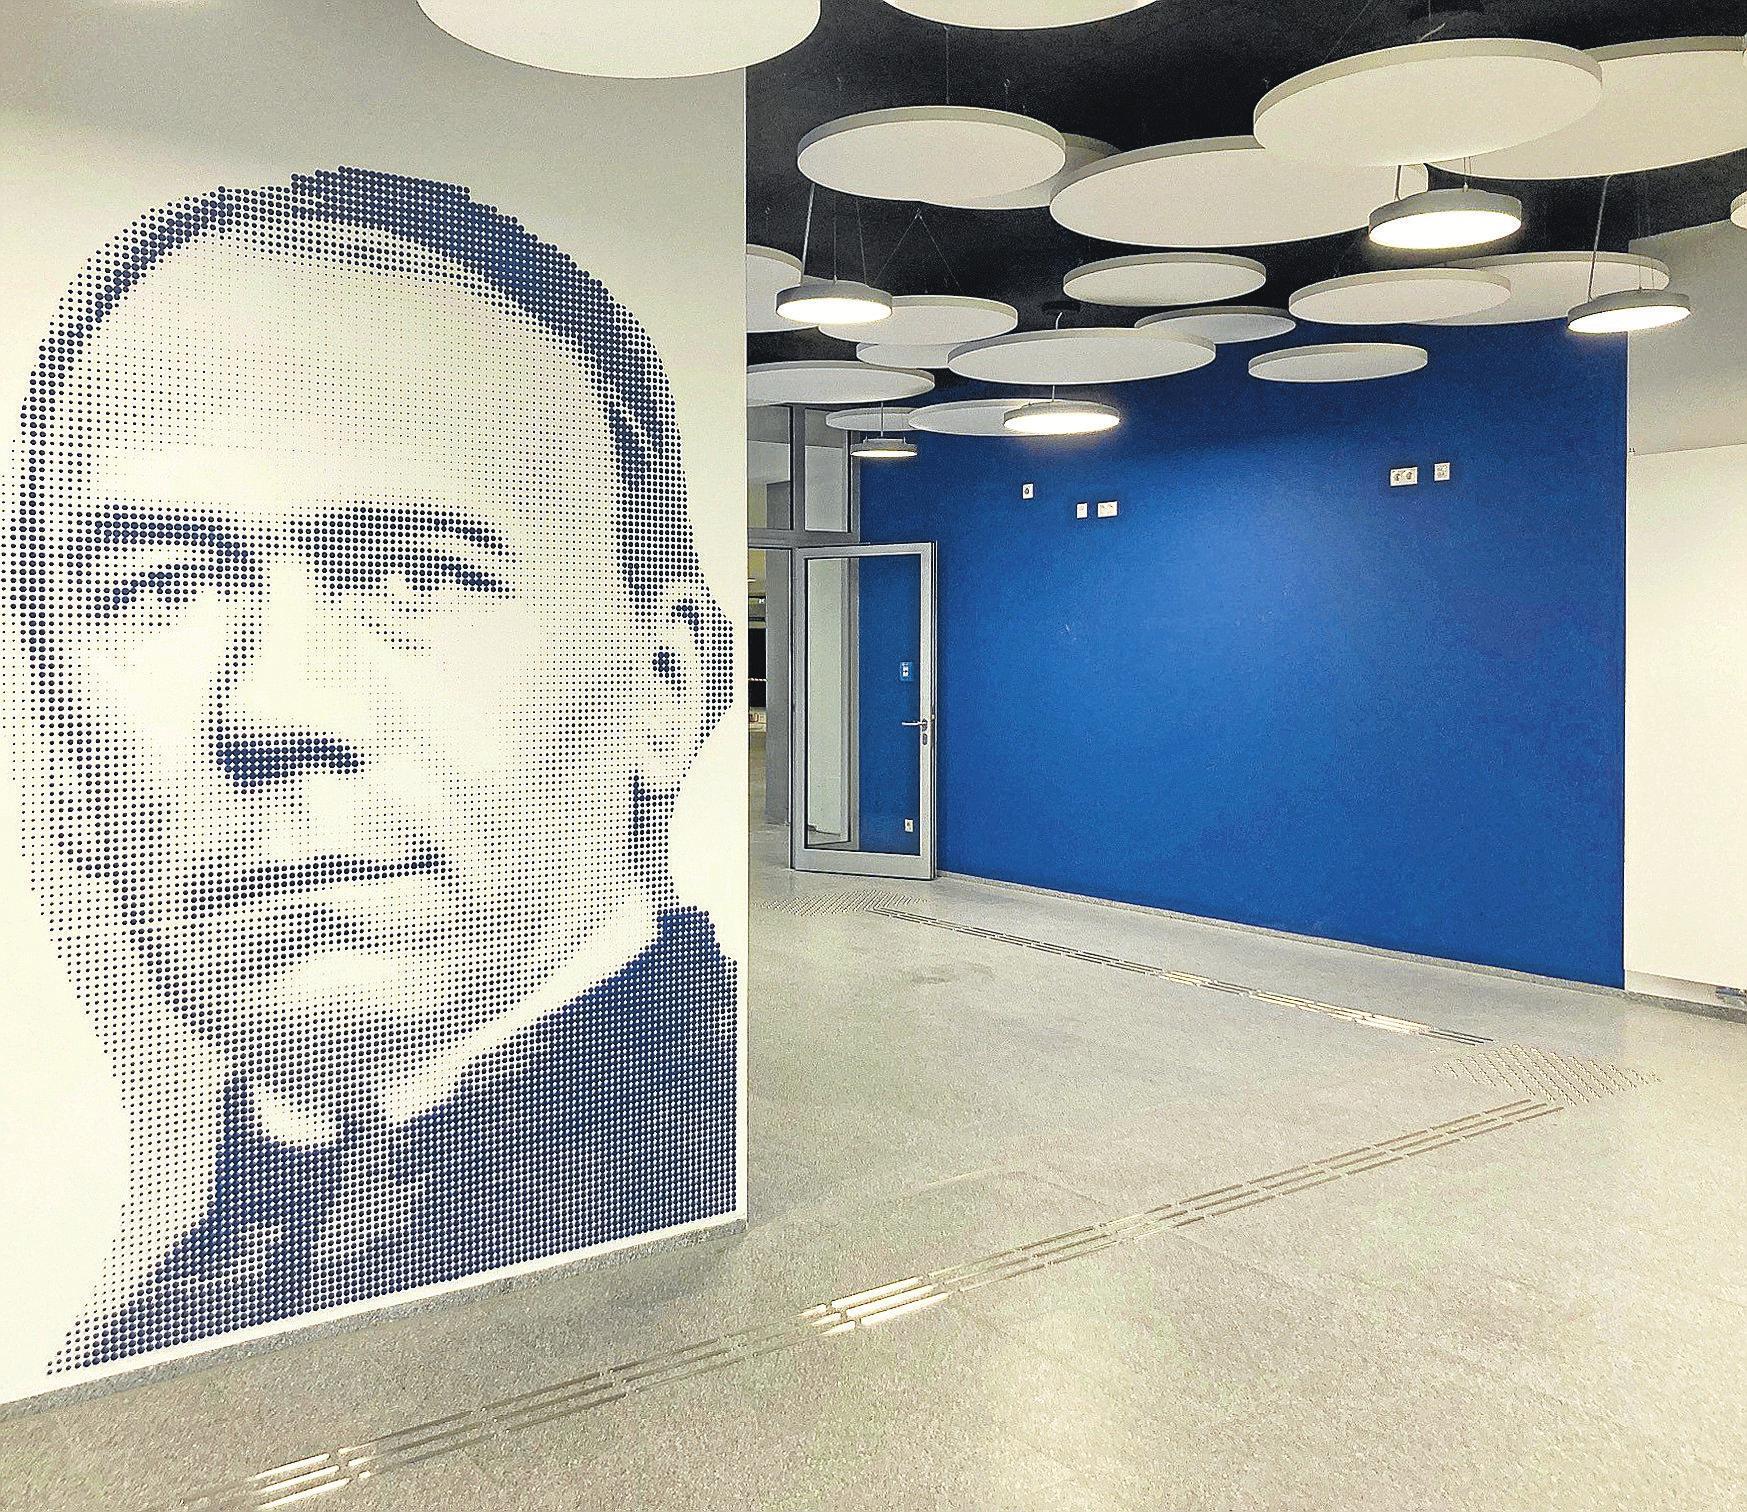 Namensgeber der Adolf-Kolping-Schule: Im Eingangsbereich ist sein Konterfei aufwändig gestaltet worden.